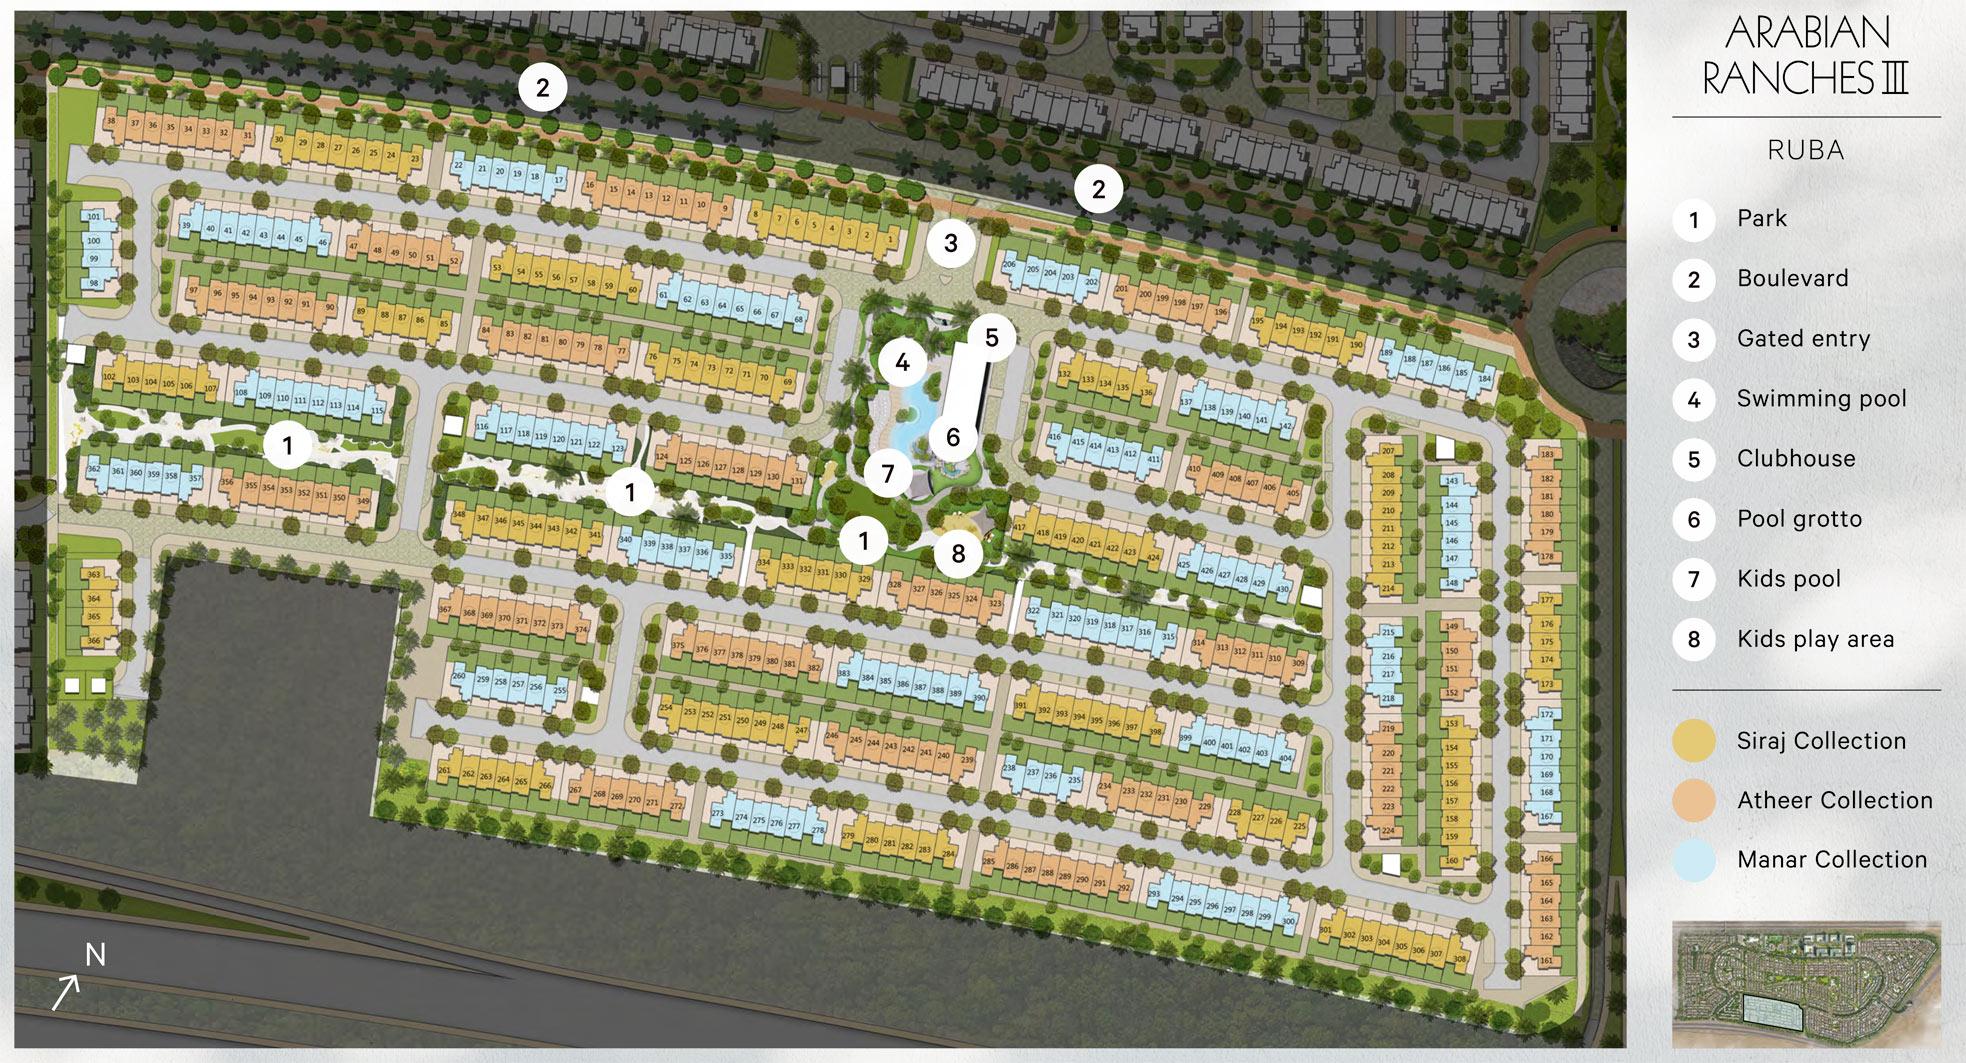 Ruba-at-Arabian-Ranches-3 Master Plan